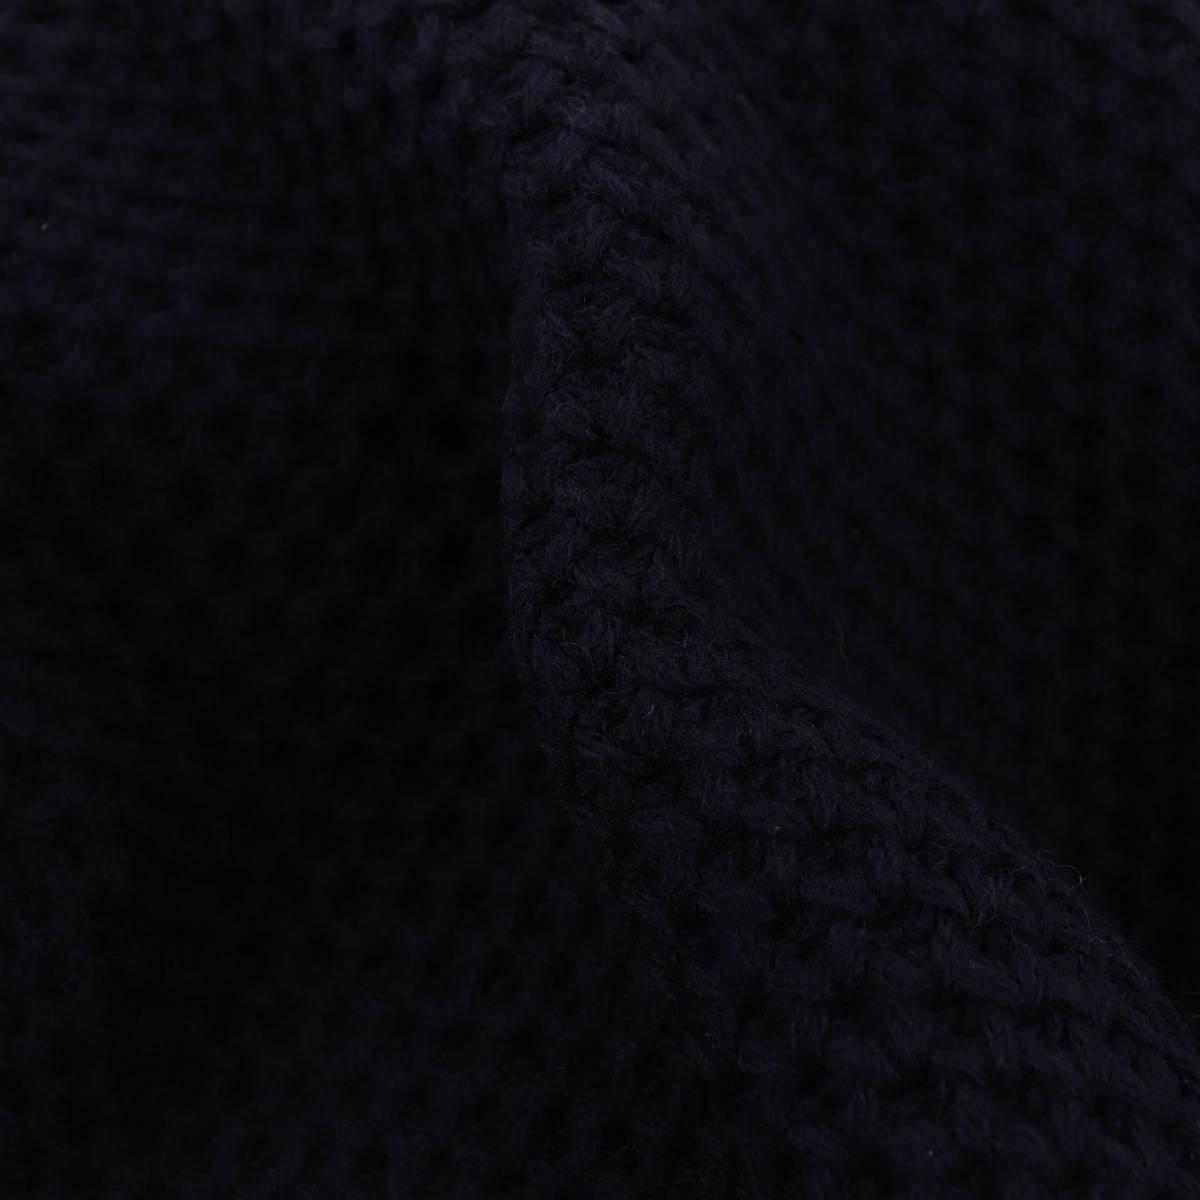 【クリアランスセール】ザノーネ ZANONE メンズ ウール プリマロフト ローゲージ ニットブルゾン ウォームキョート PRIMALOFT WARM CHIOTO 8112248 ZM251 Z1375(ネイビー)【返品交換不可】